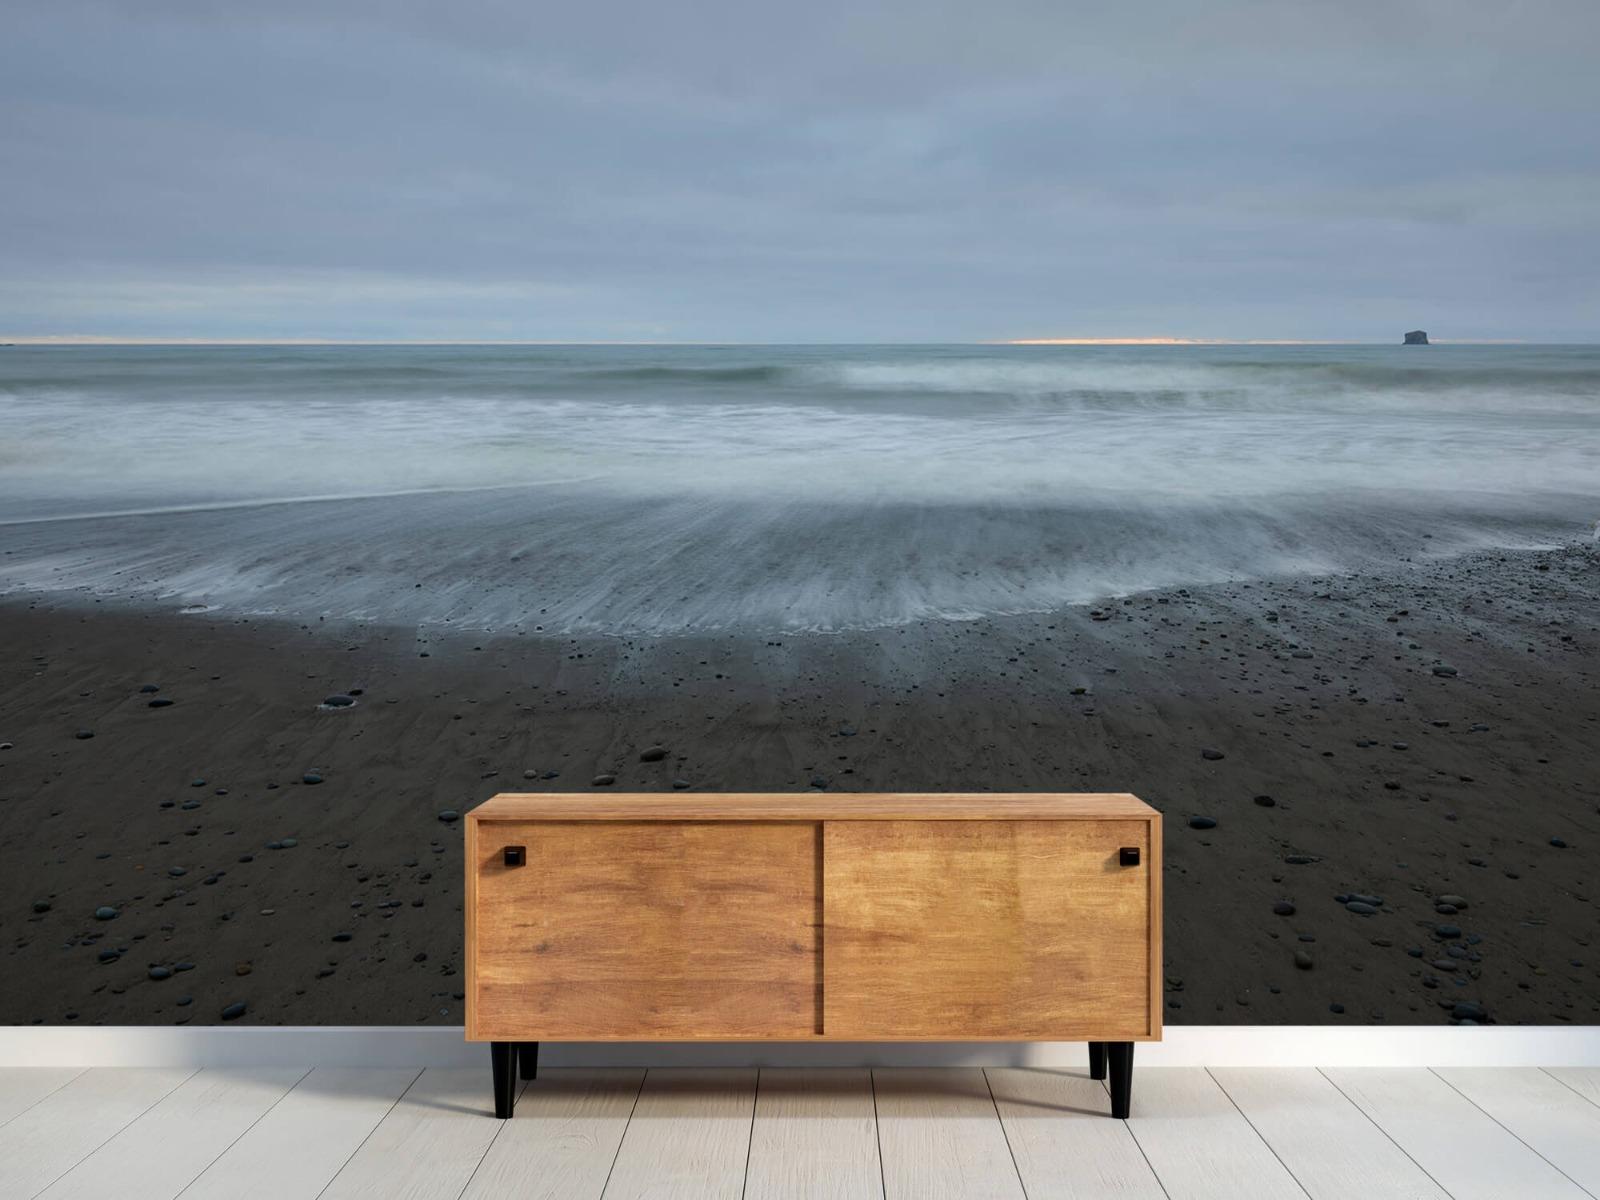 Zeeën en Oceanen - Golven aan het strand - Slaapkamer 5